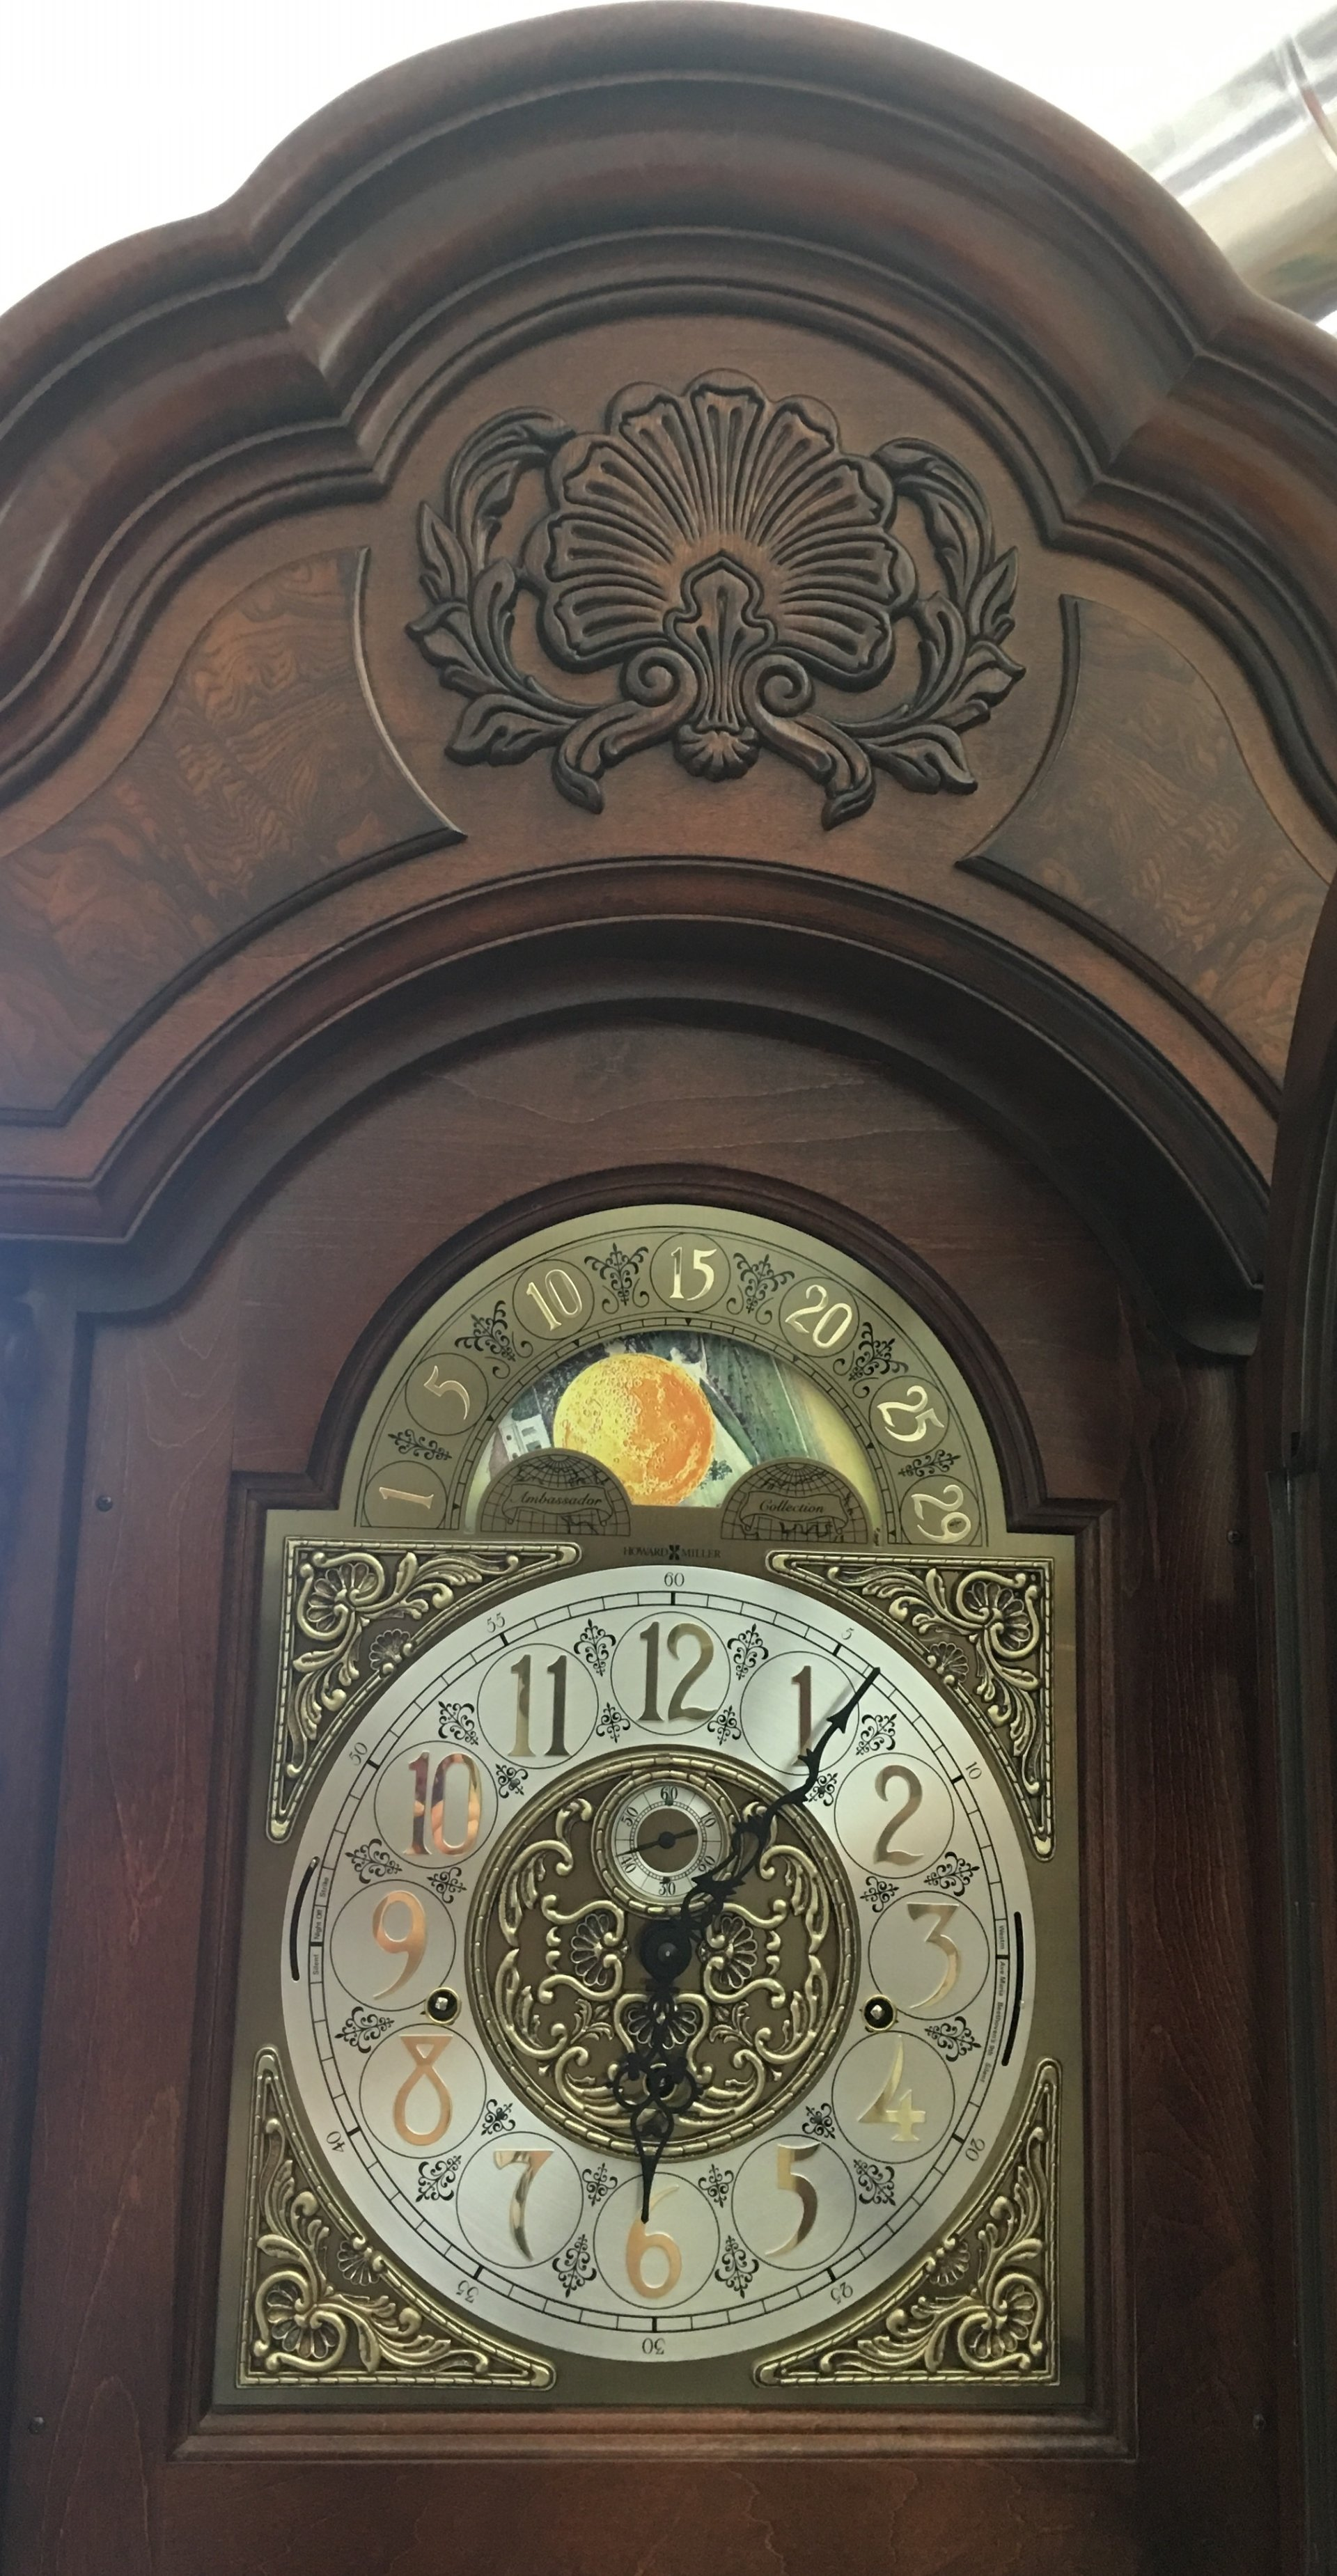 Antique Clocks | Austin, TX | McGuire's Clocks